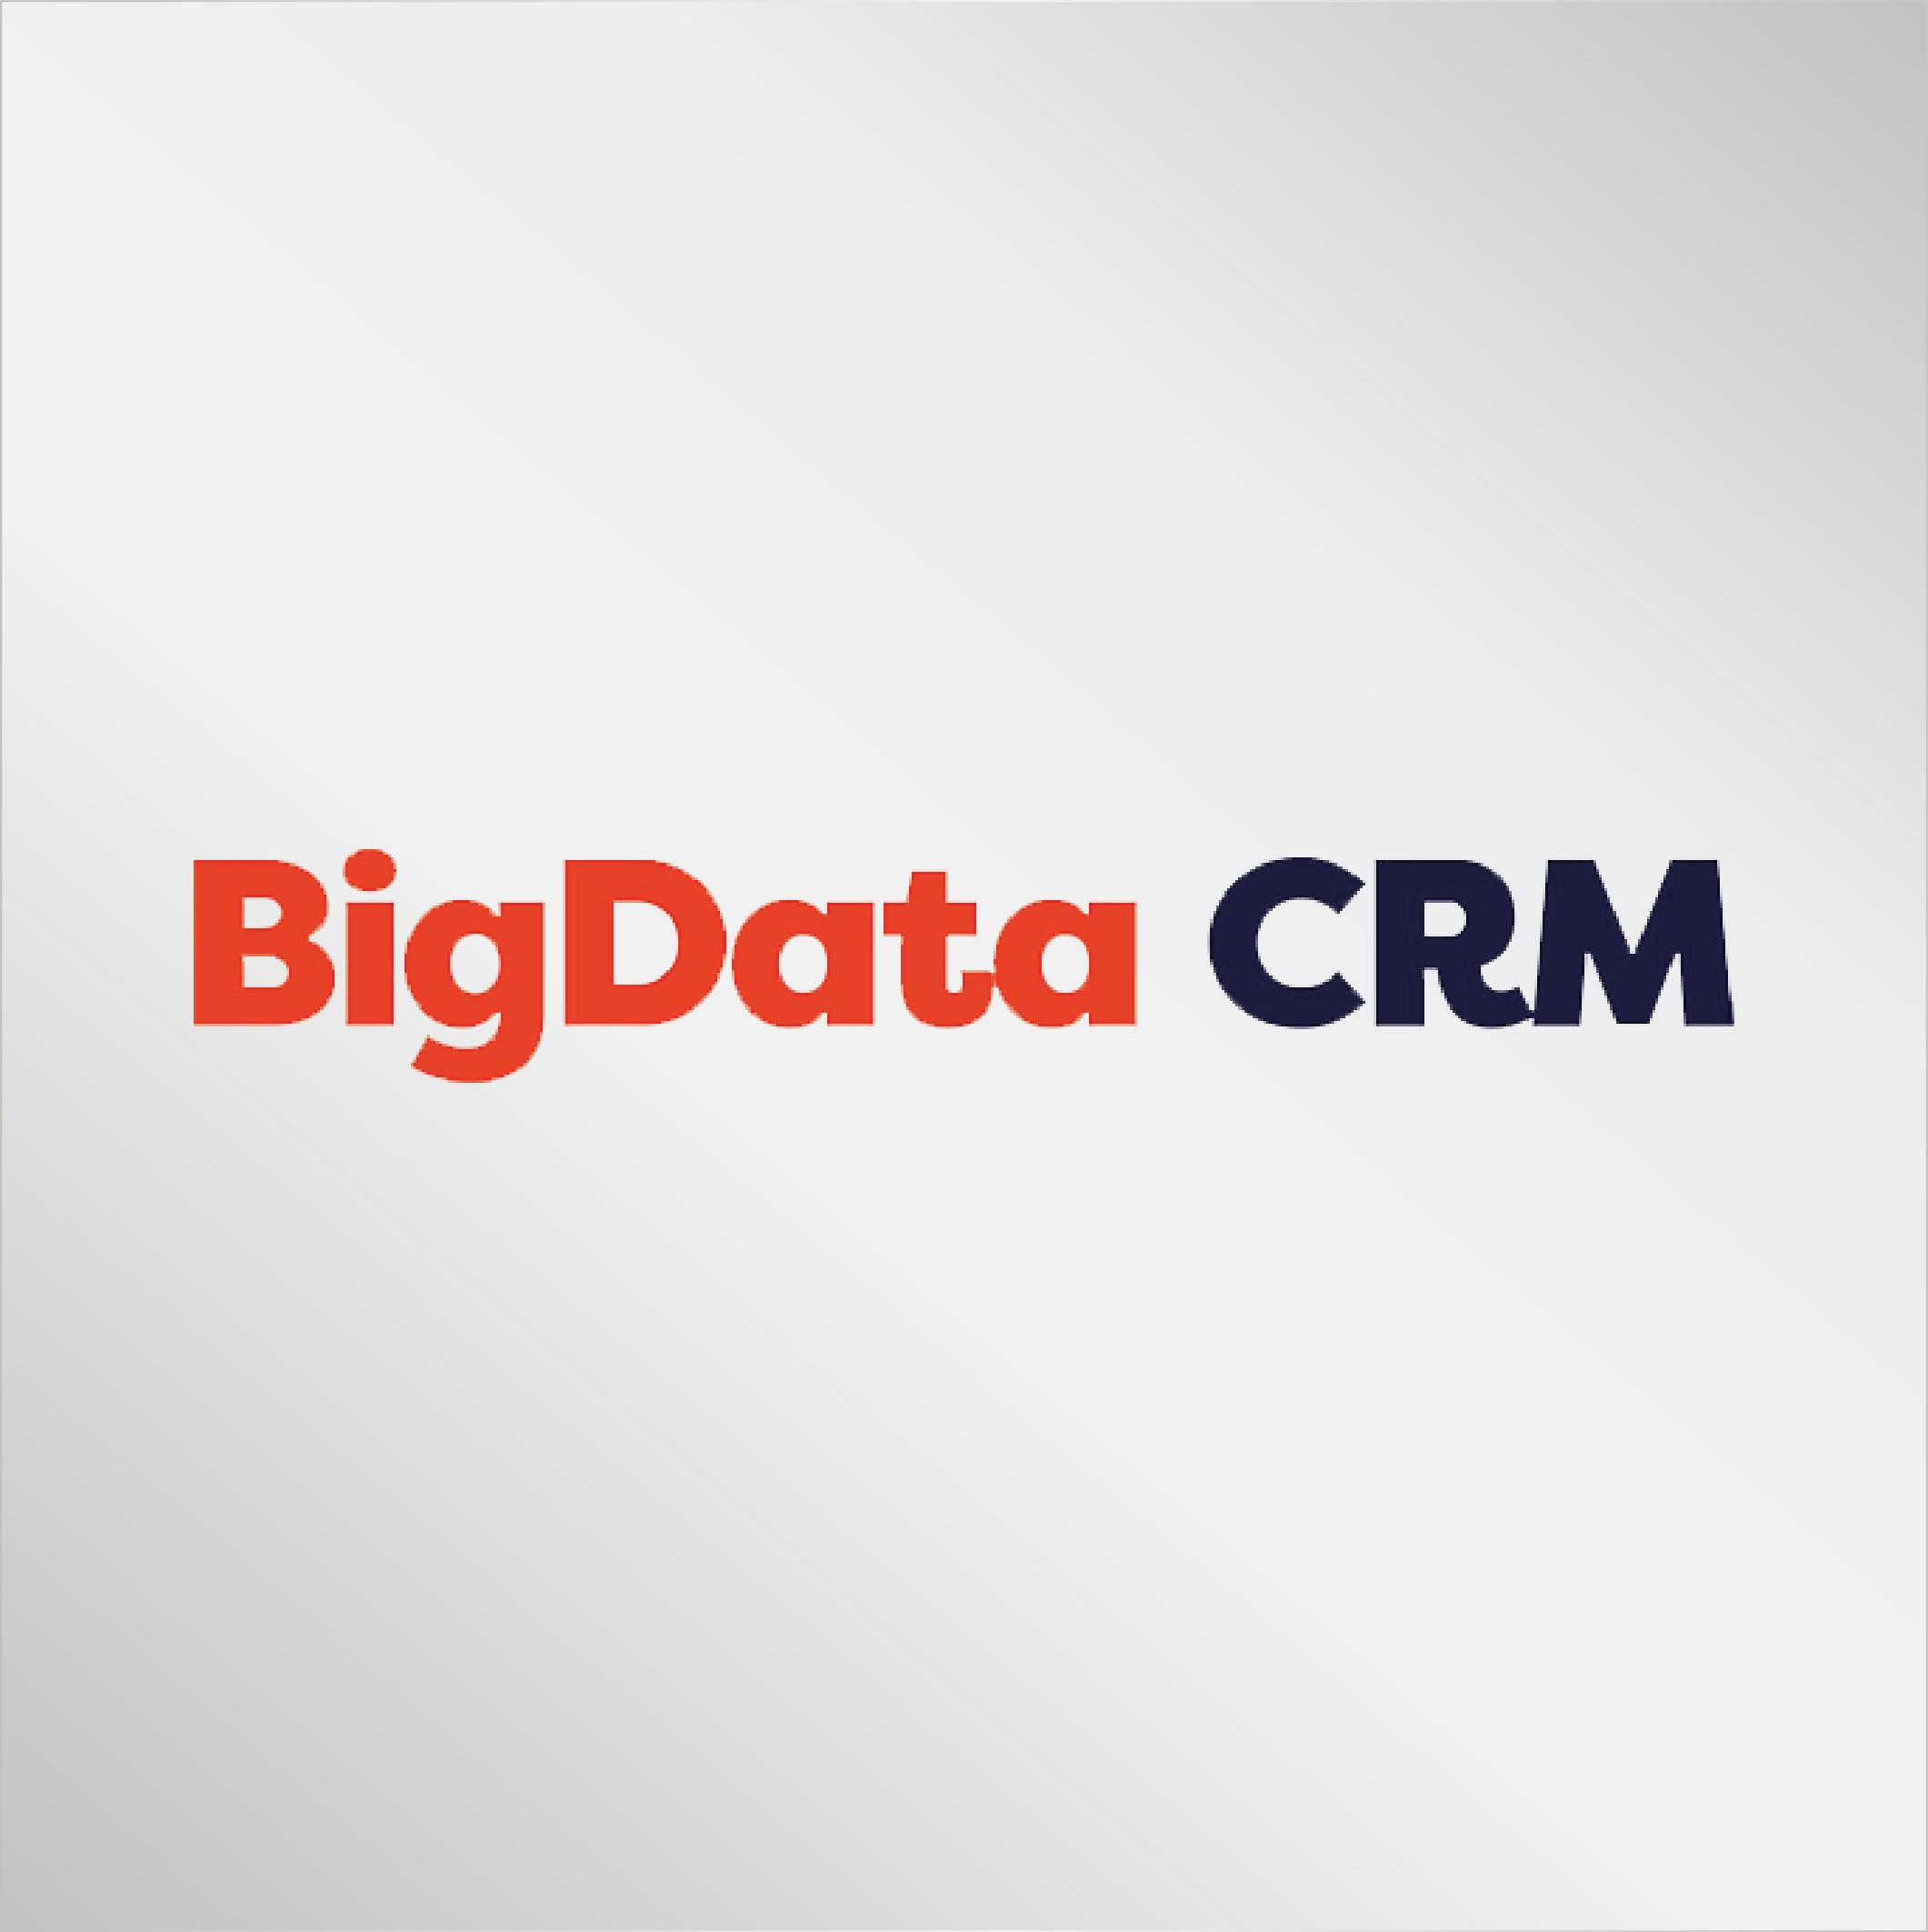 BigData Delivery CRM